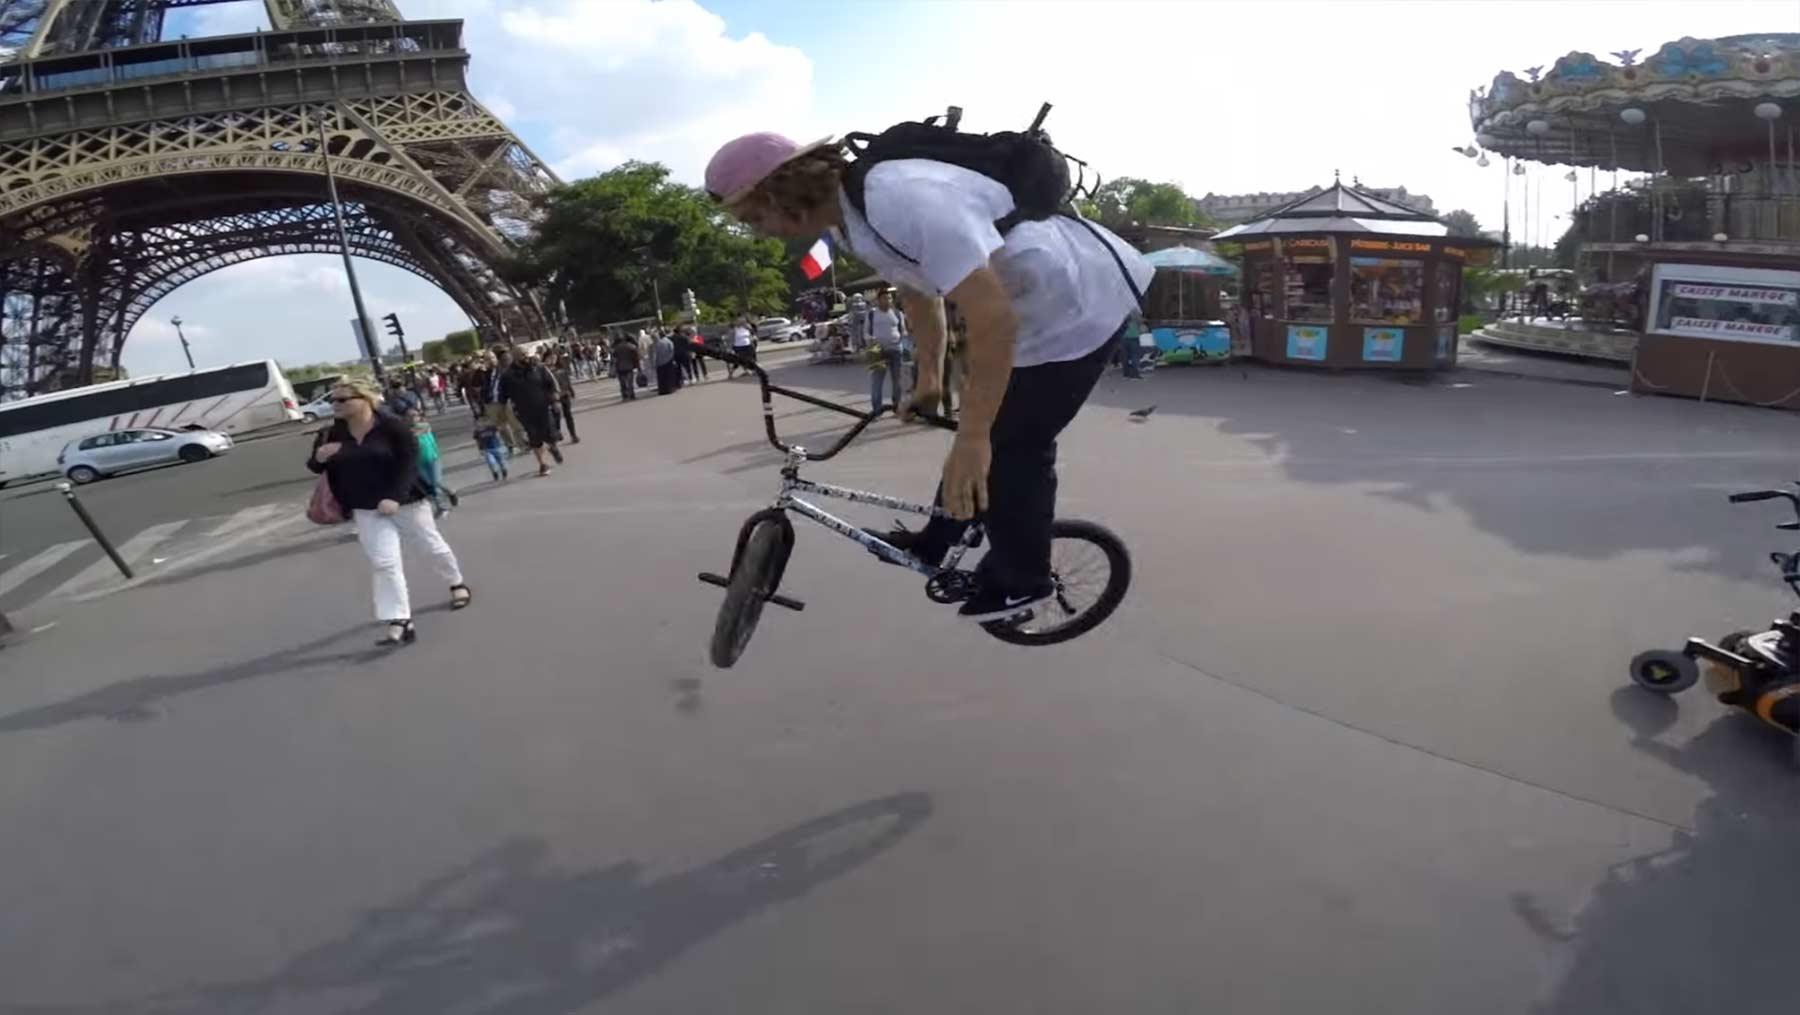 Europarundreise auf dem BMX